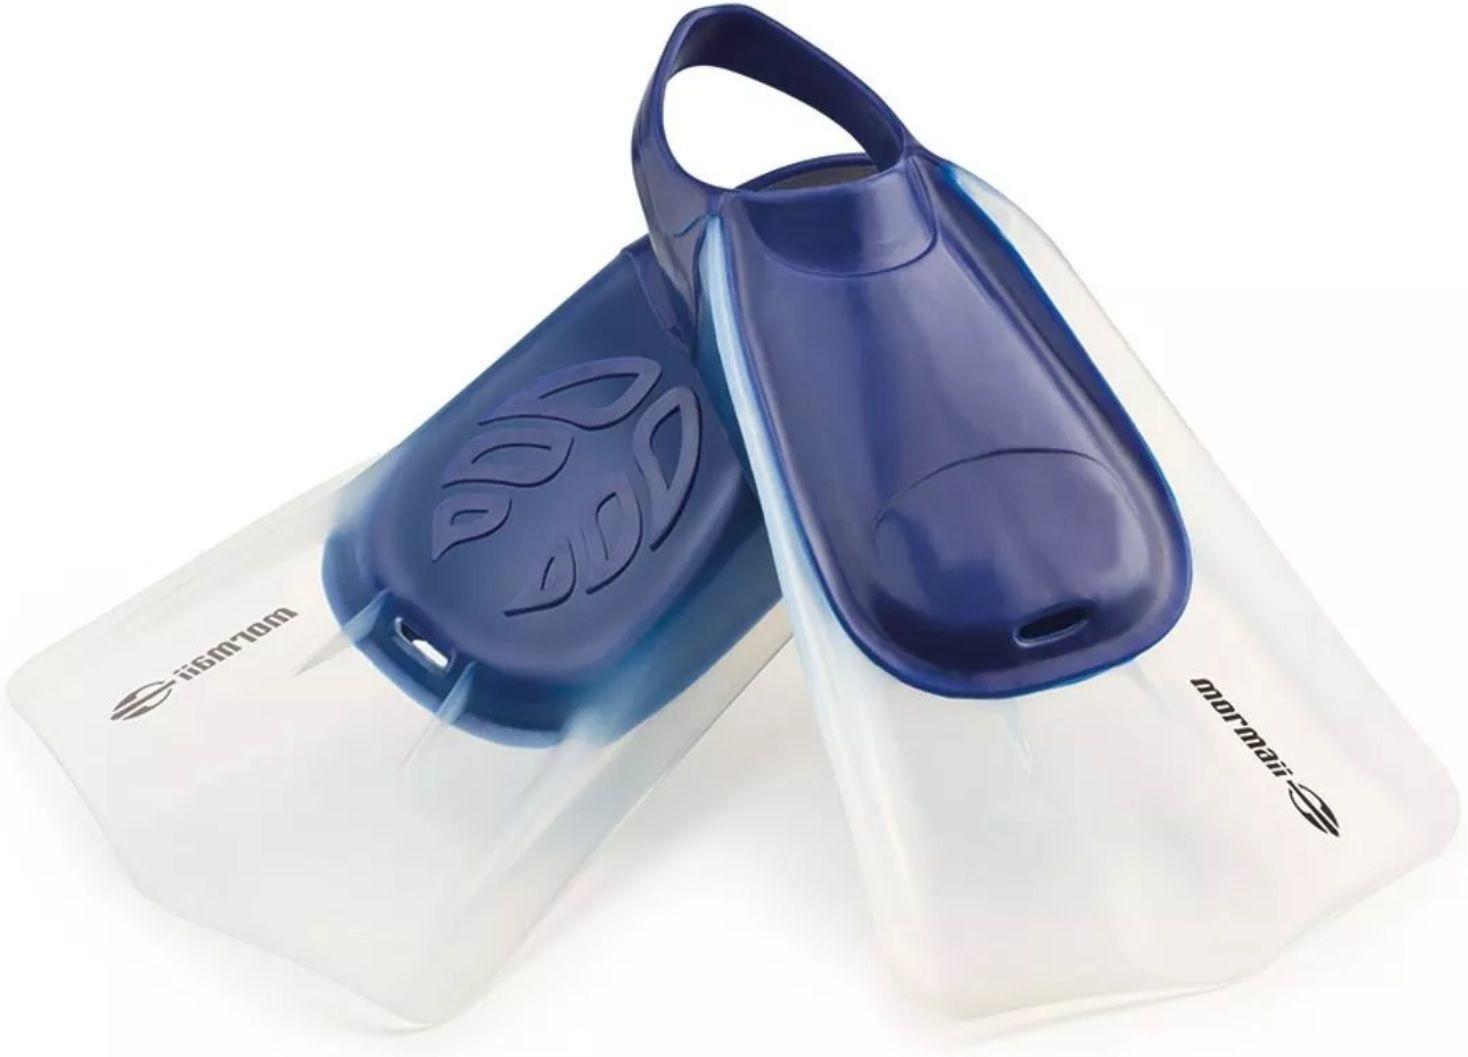 Nadadeira Pé de Pato Mormaii Wave Azul Tamanho M para Bodyboard e Natação